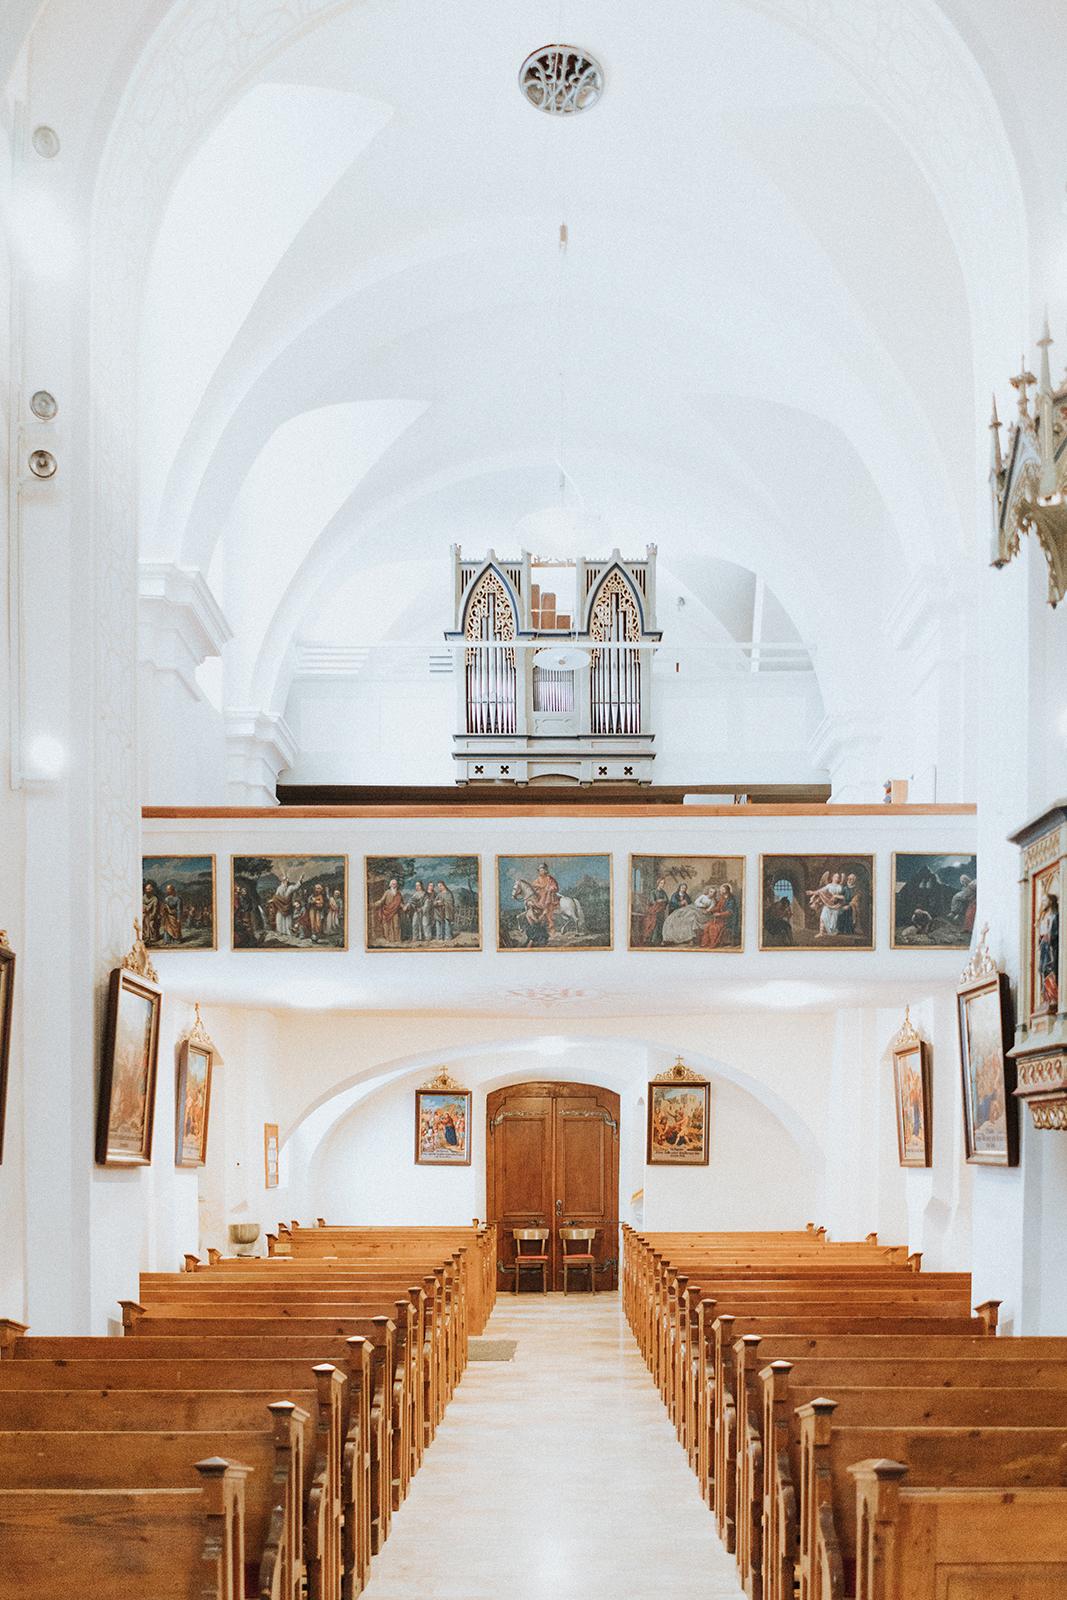 huber-zu-laah-kirche-20